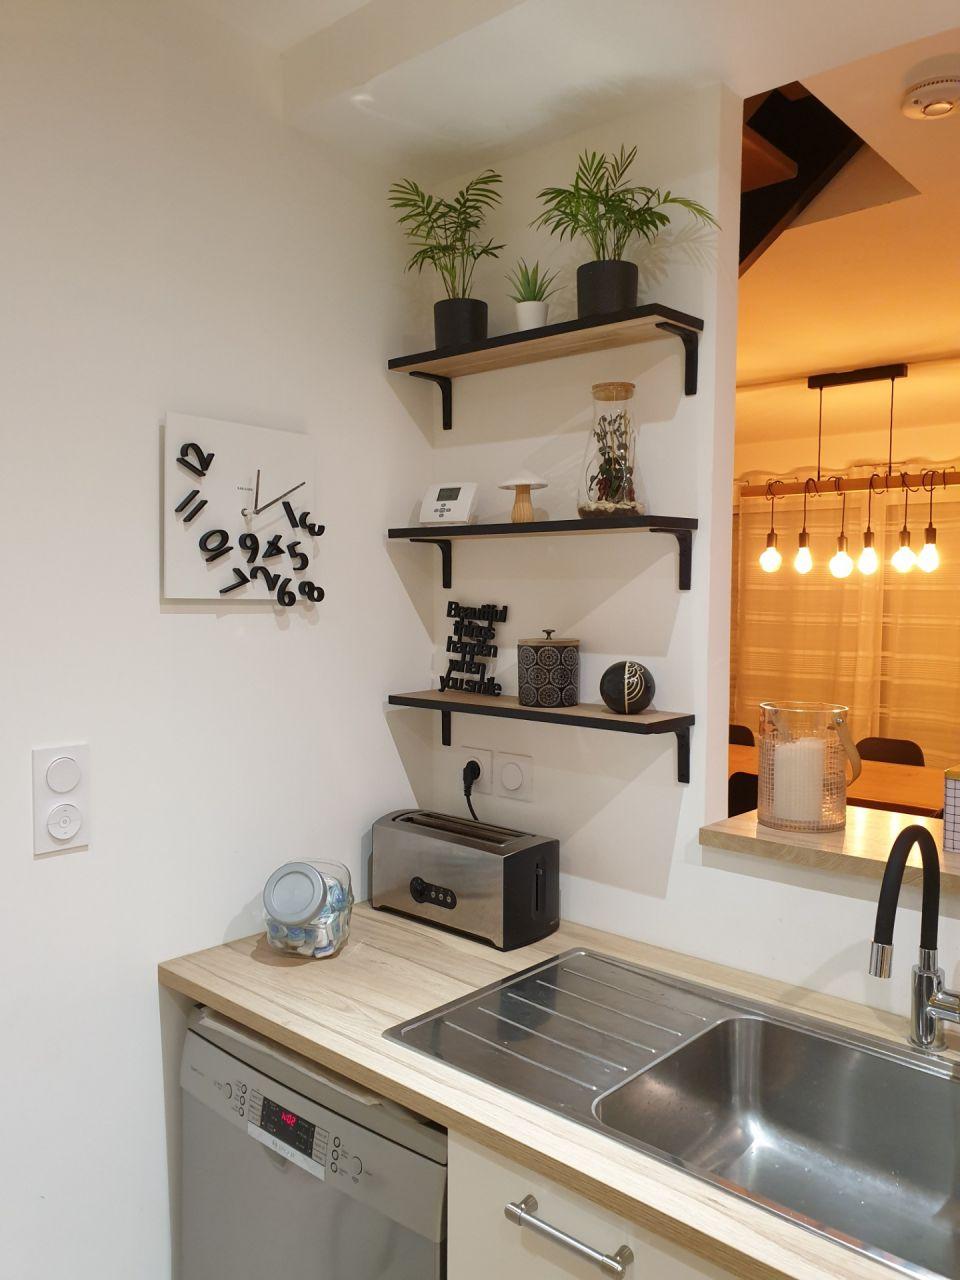 Création de 3 étagères sur mesure pour ma cuisine. Dimensions 60cm×15cm